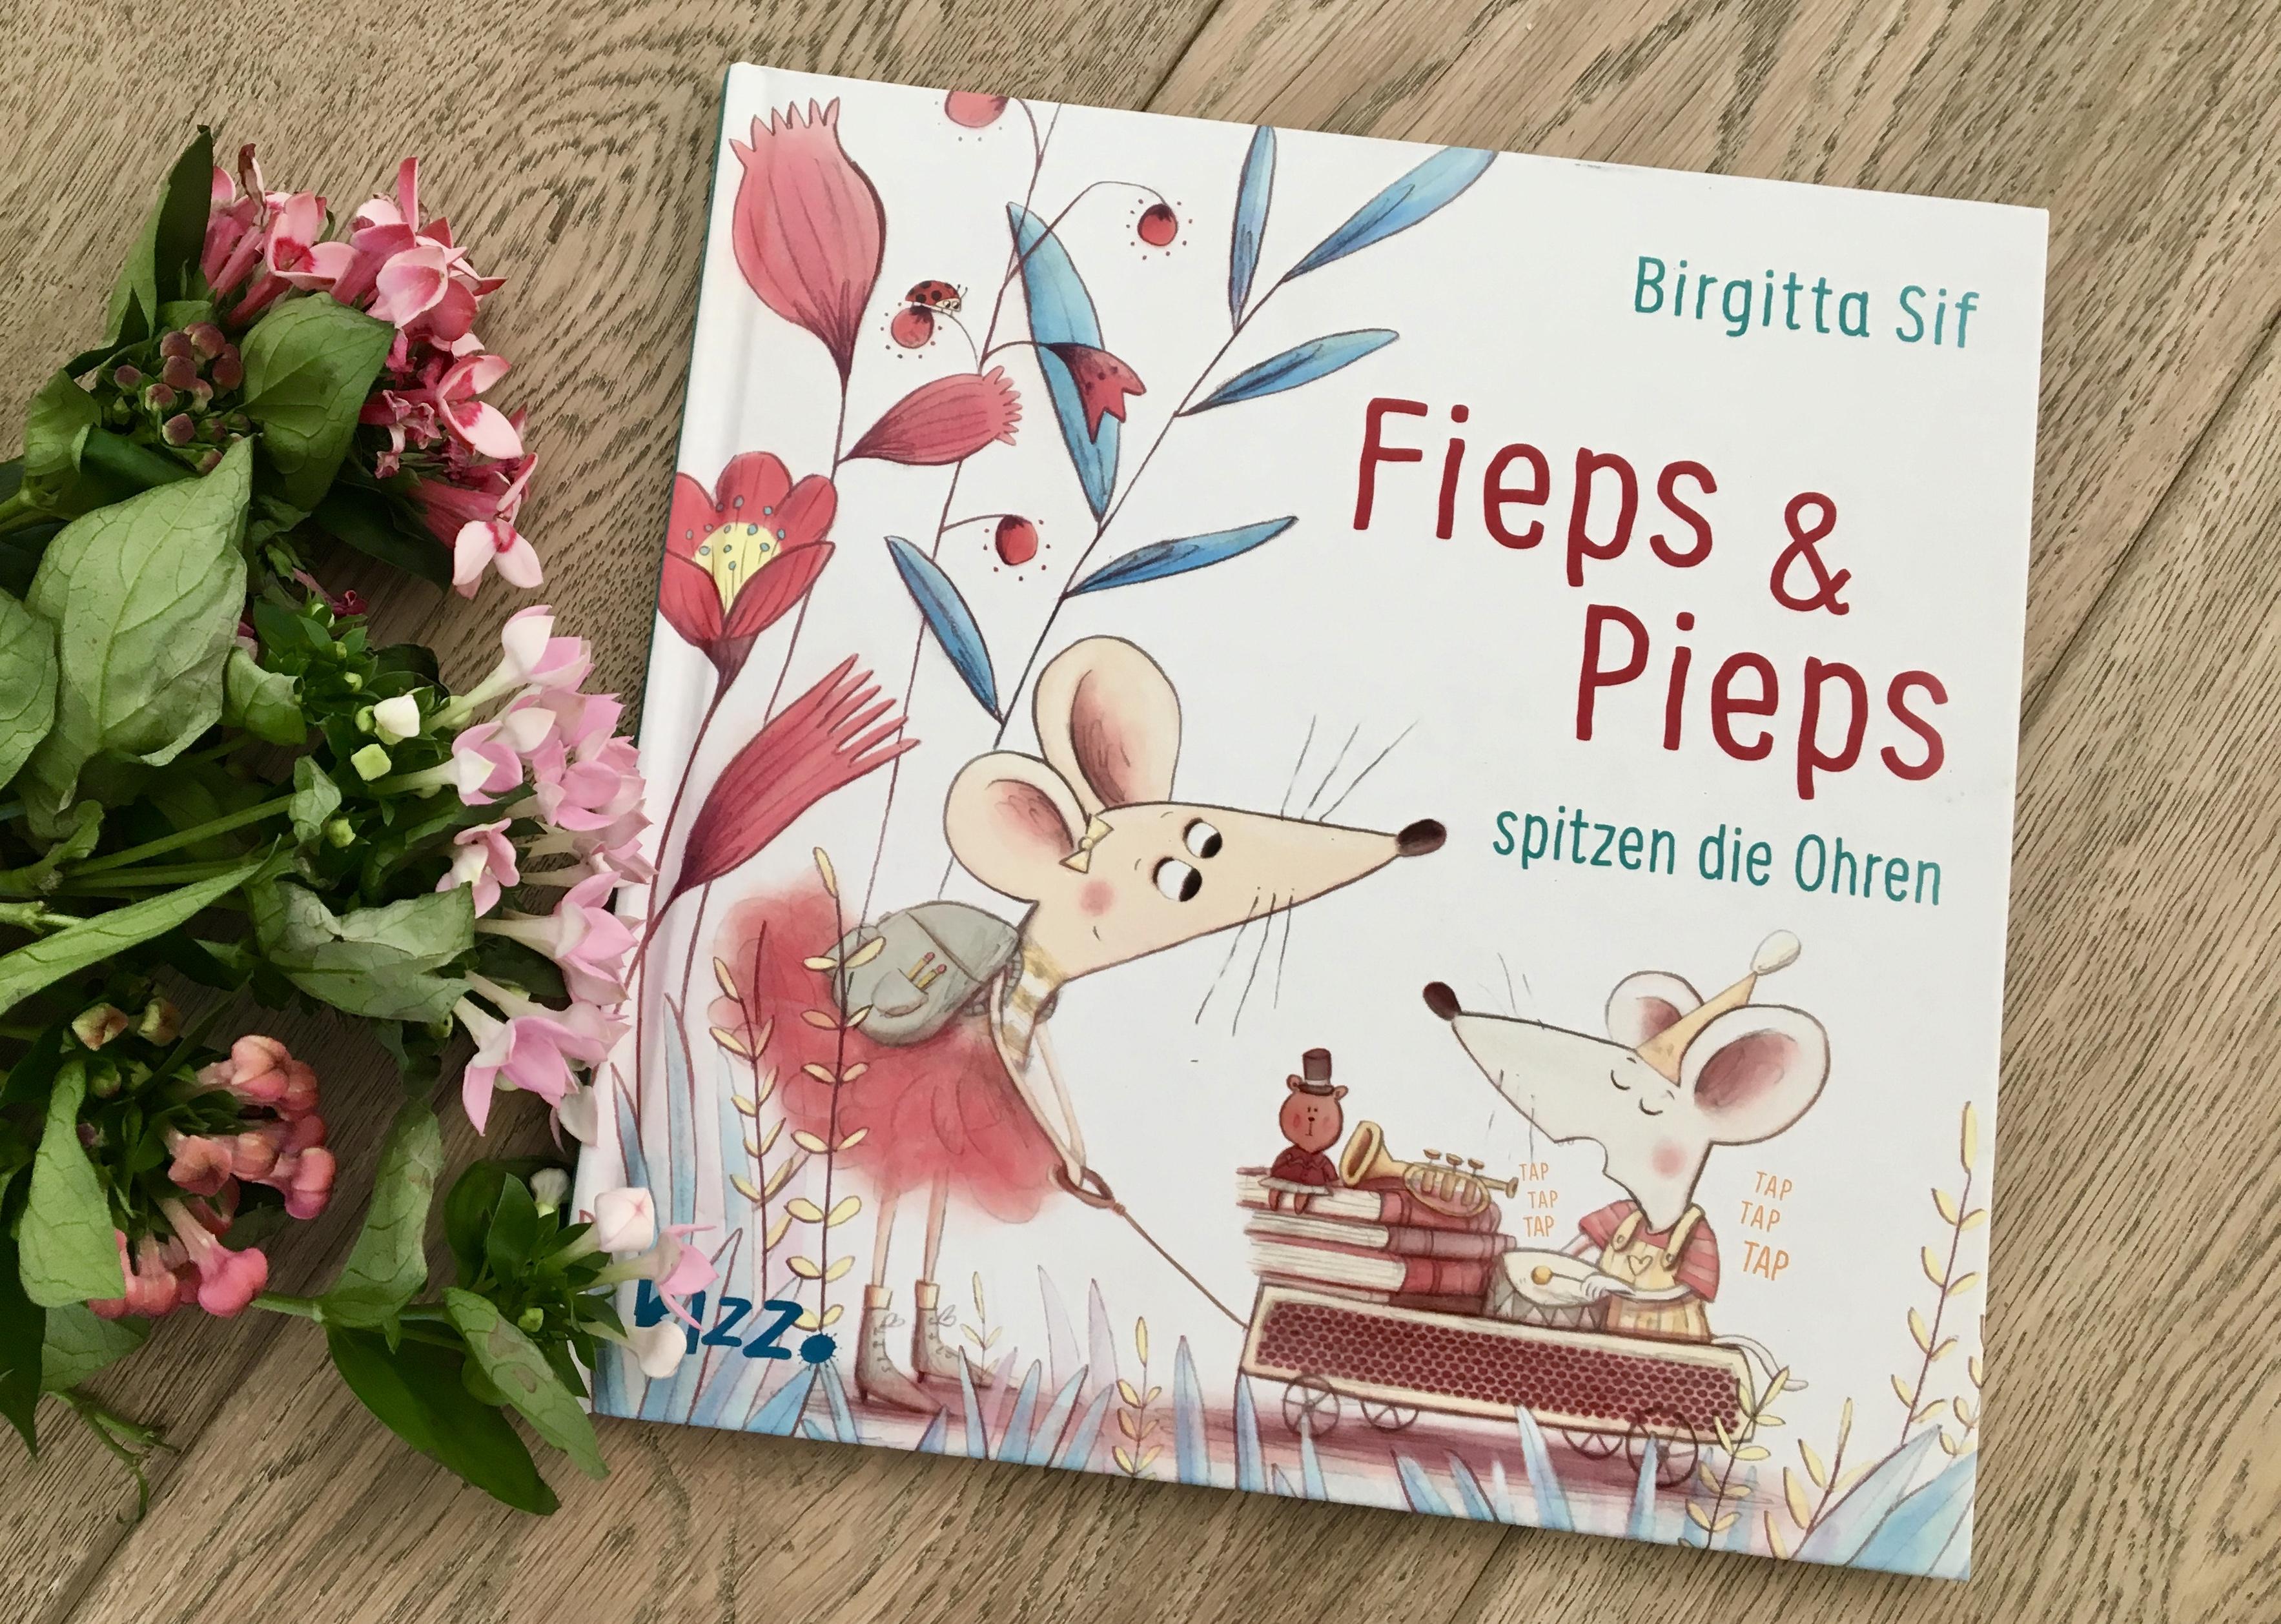 Fieps & Pieps spitzen die Ohren von Birgitta Sif (Text und Illustration)